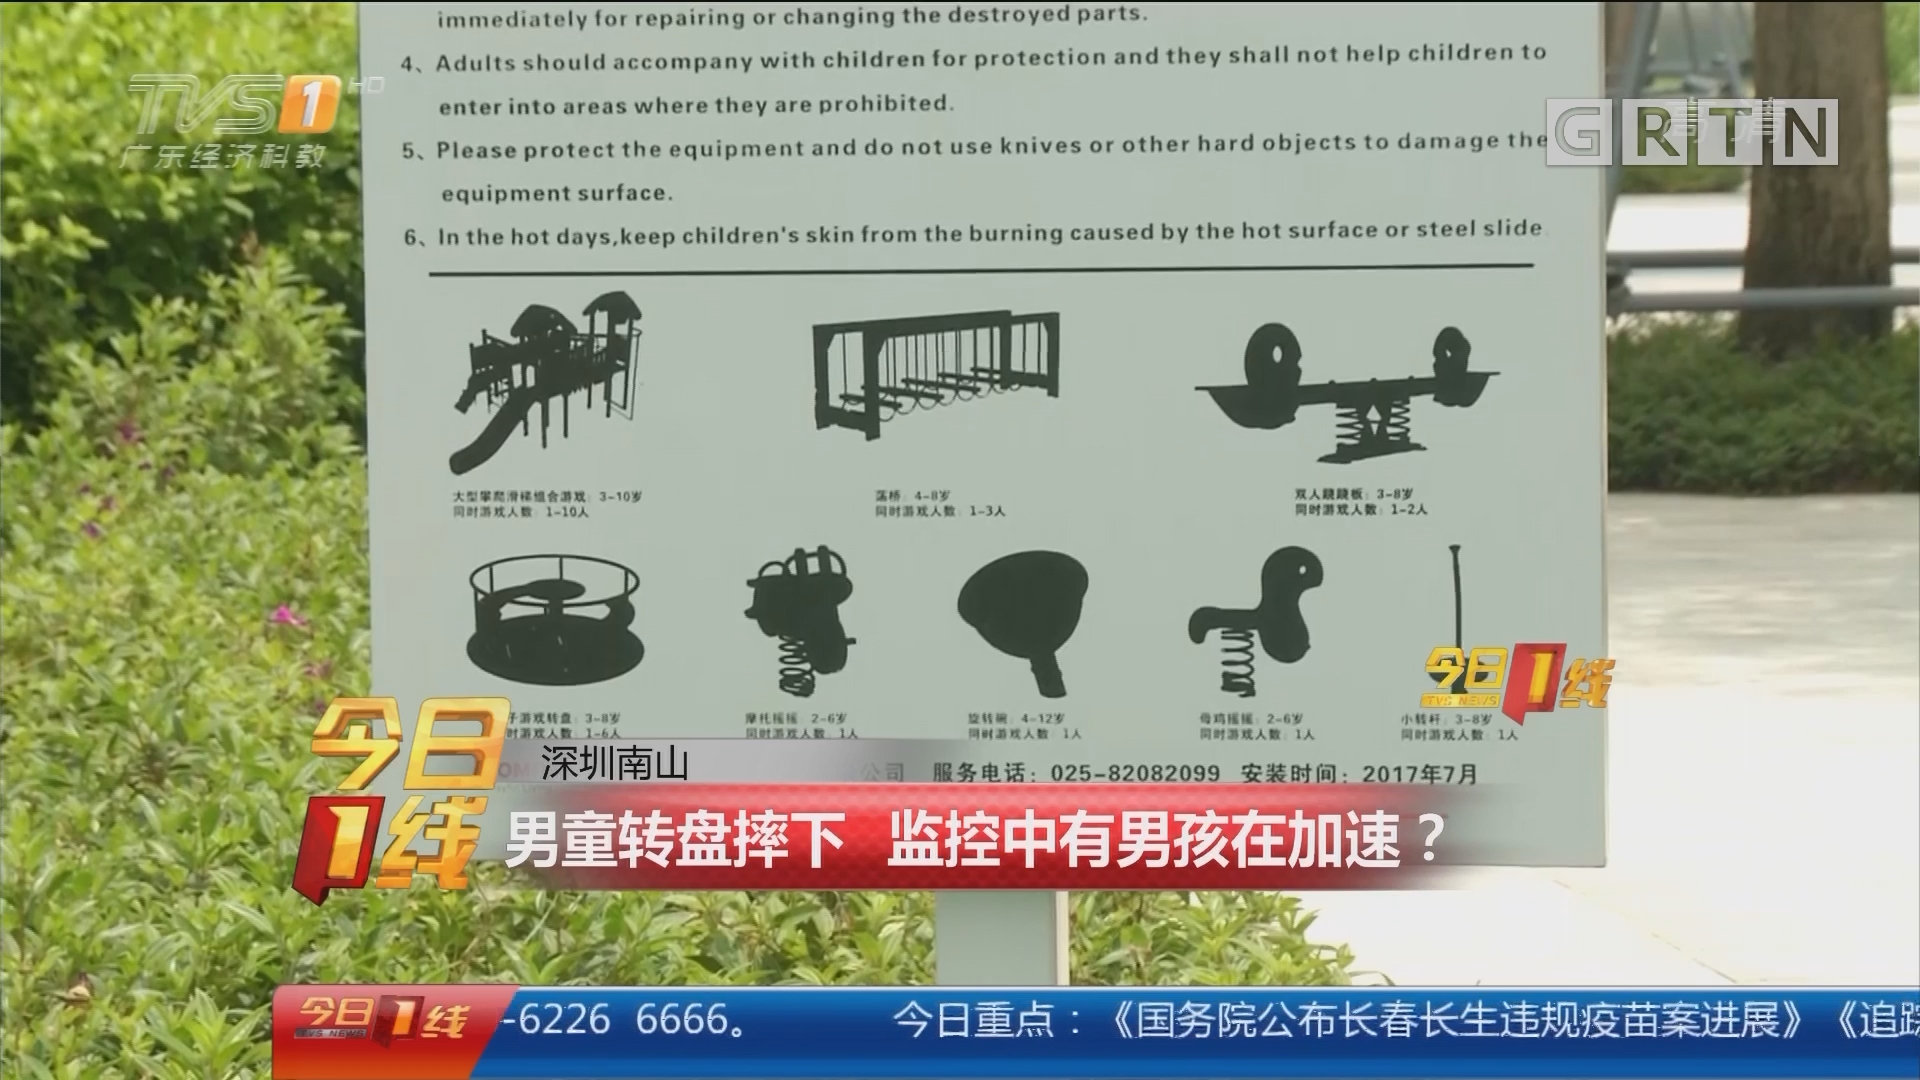 深圳南山:男童转盘摔下 监控中有男孩在加速?